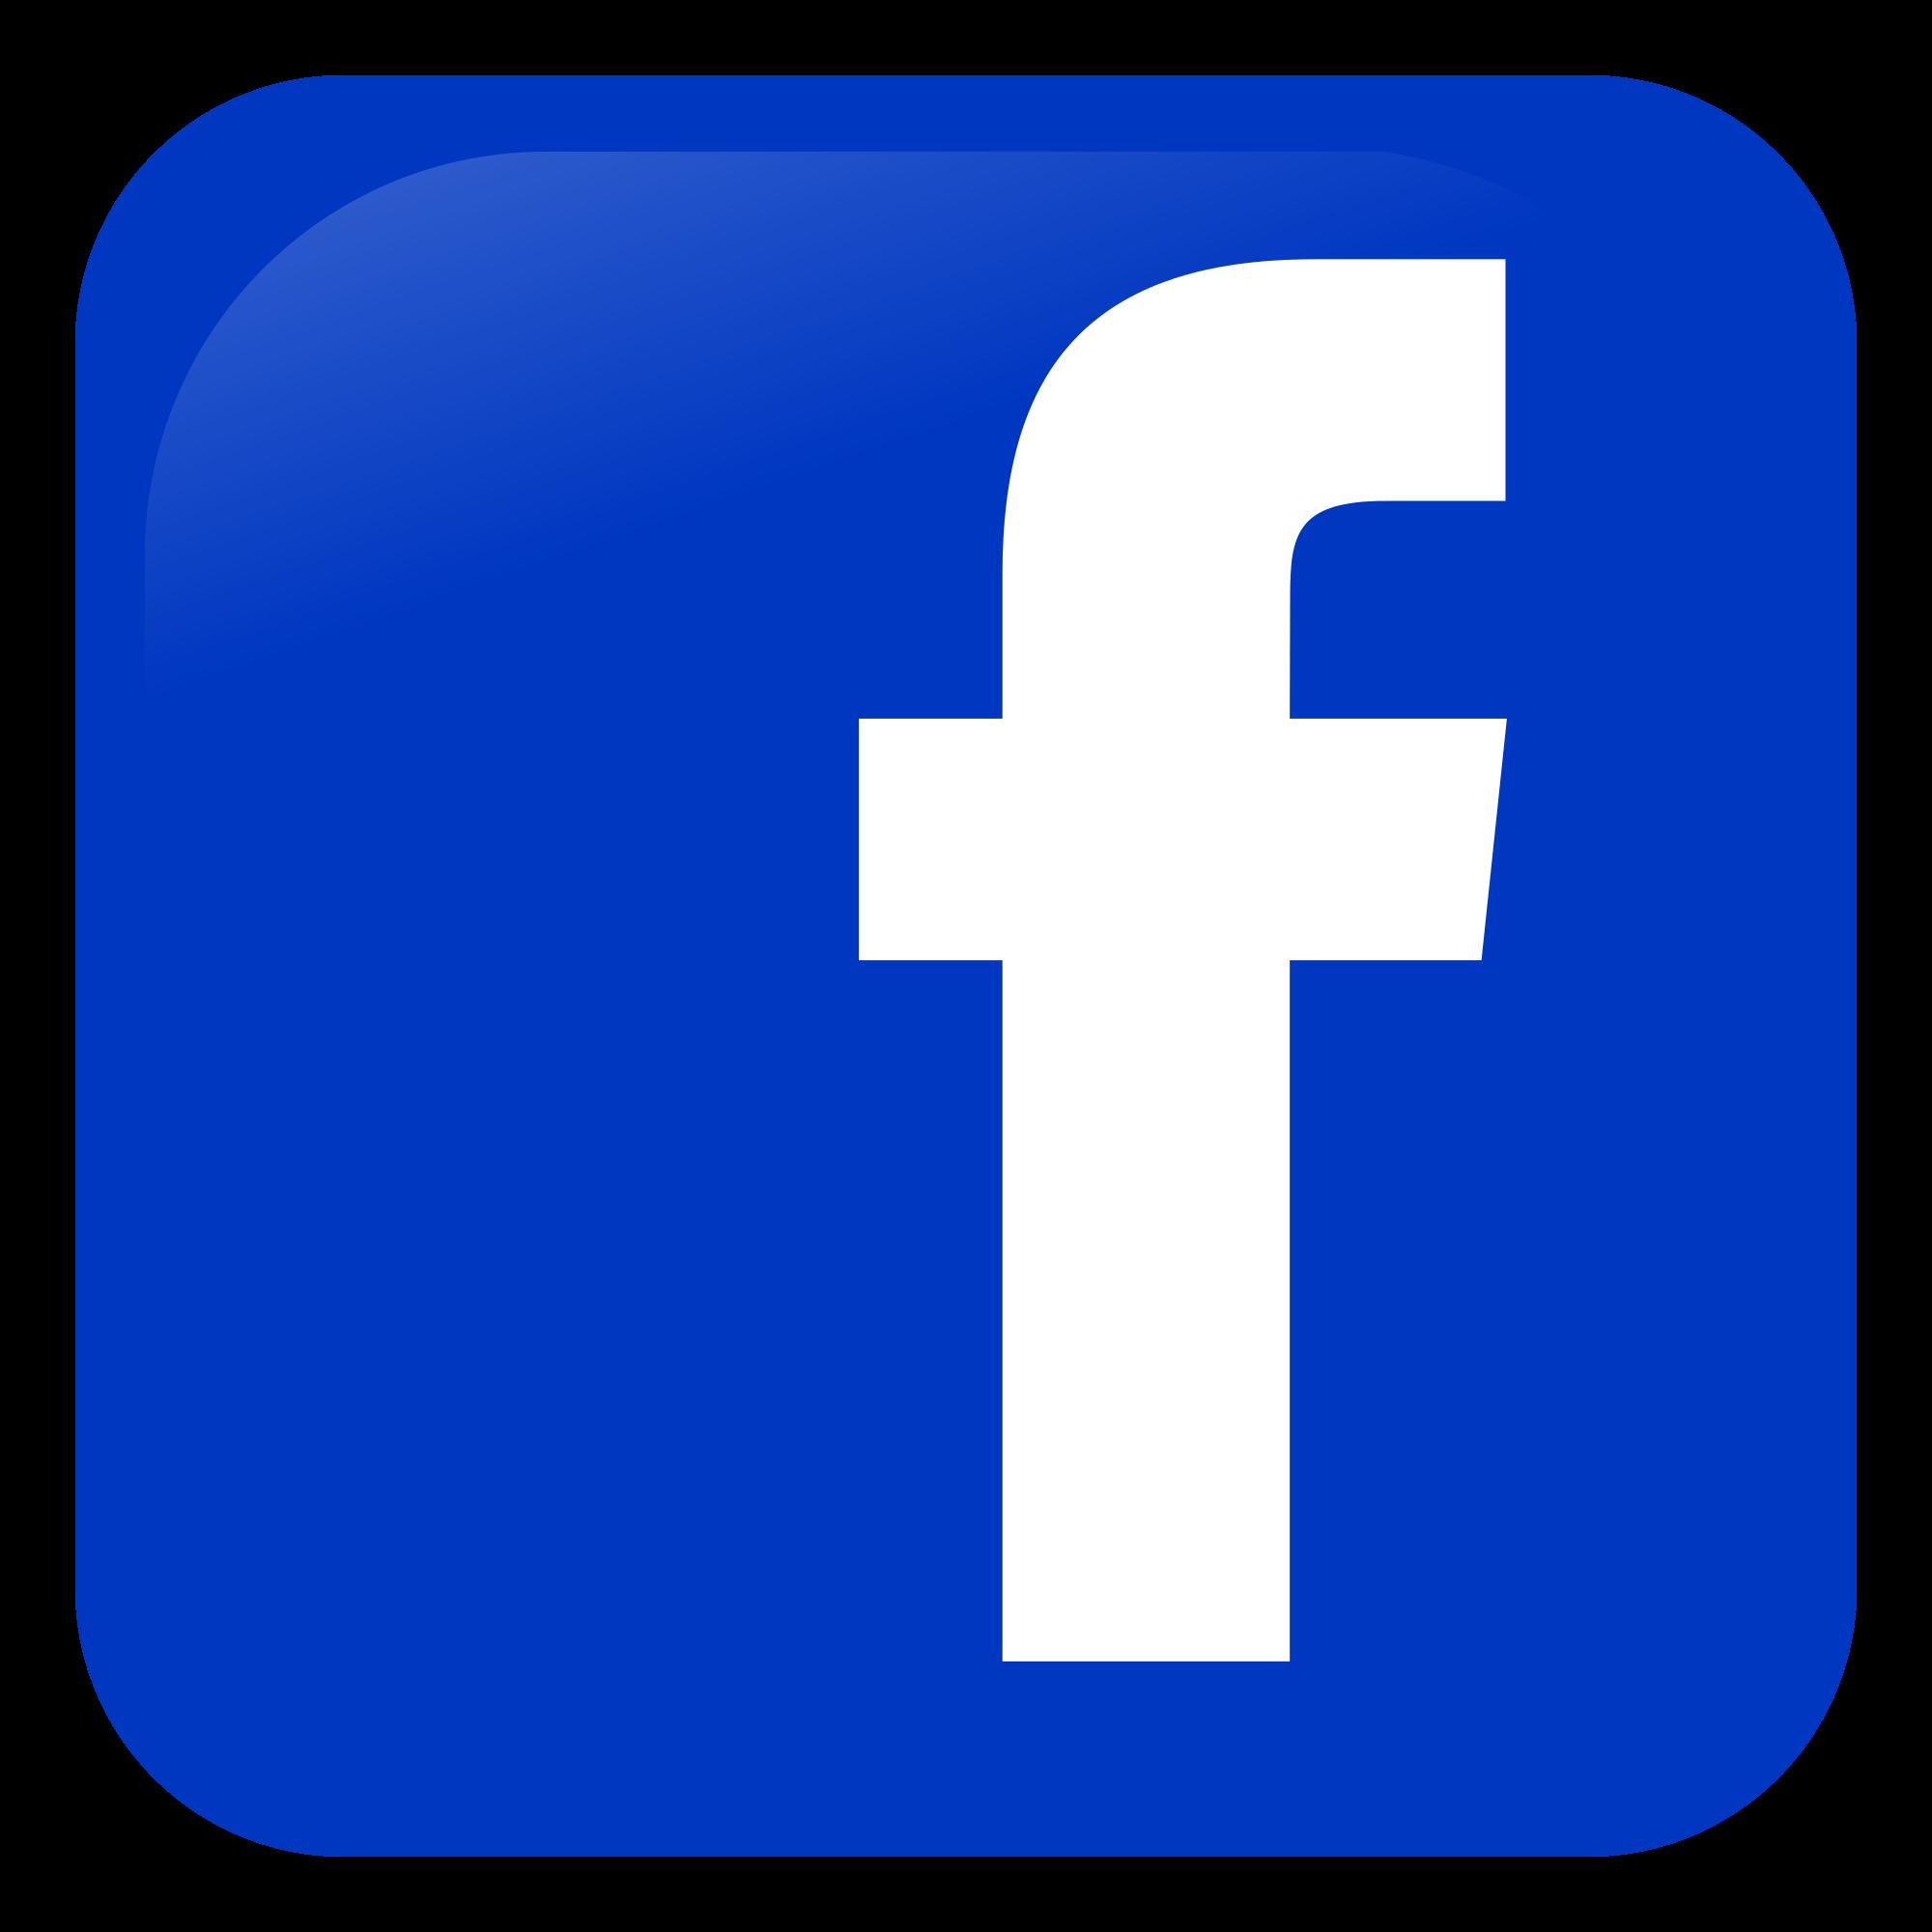 Bildergebnis für foto facebook